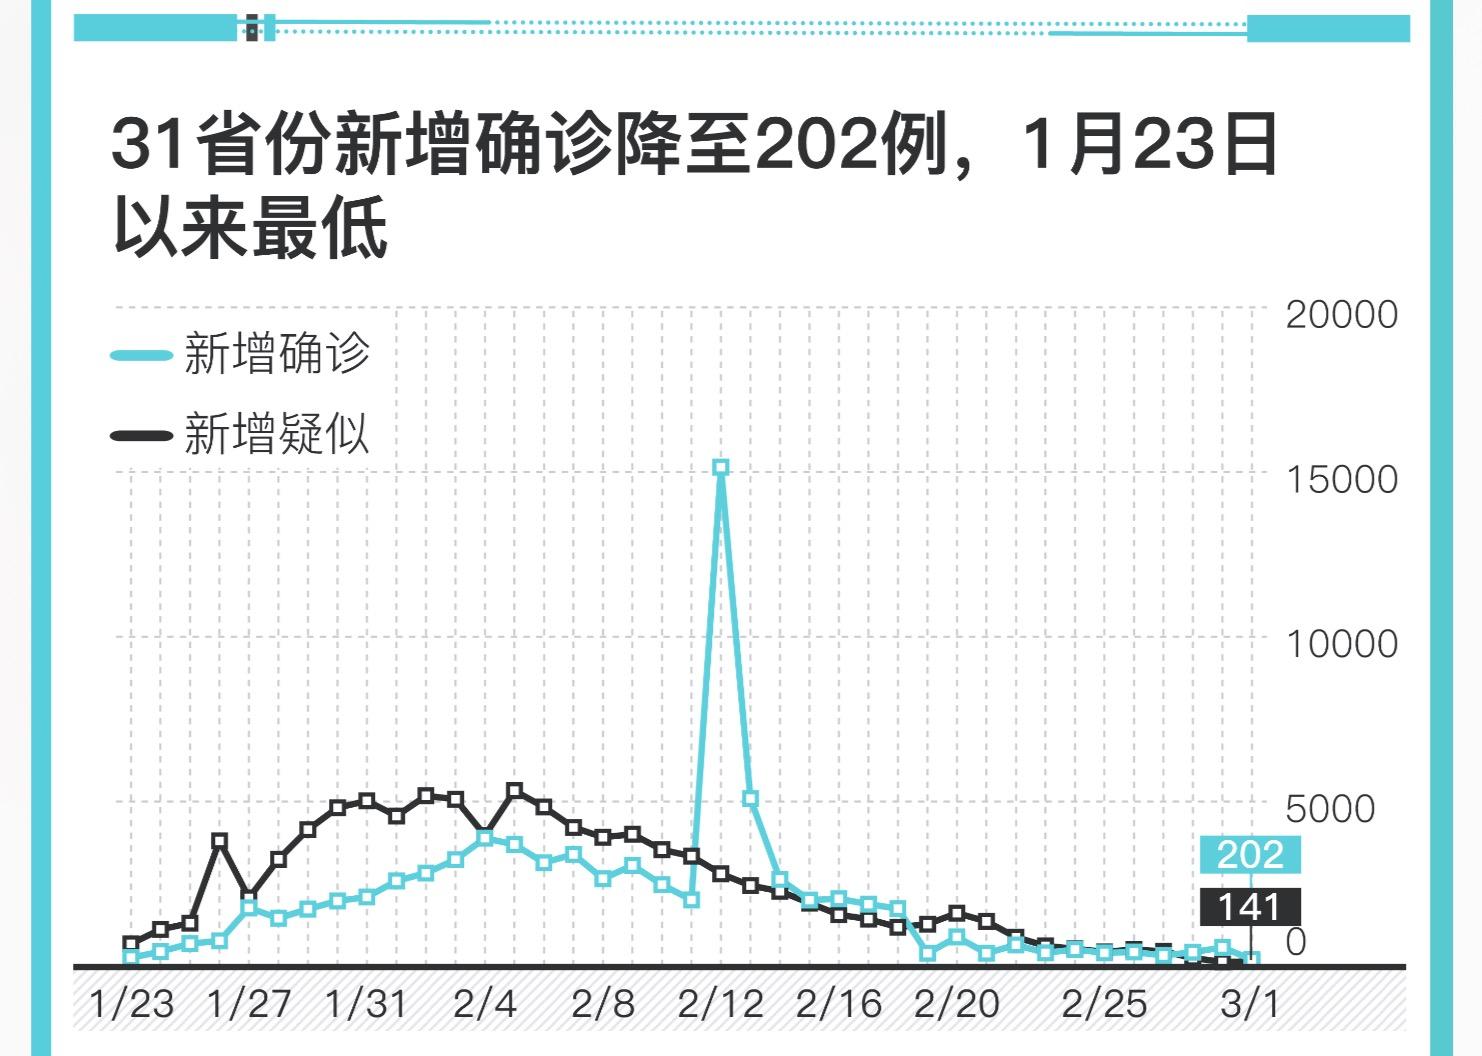 蓝冠:202例1月23蓝冠日以来最低图片